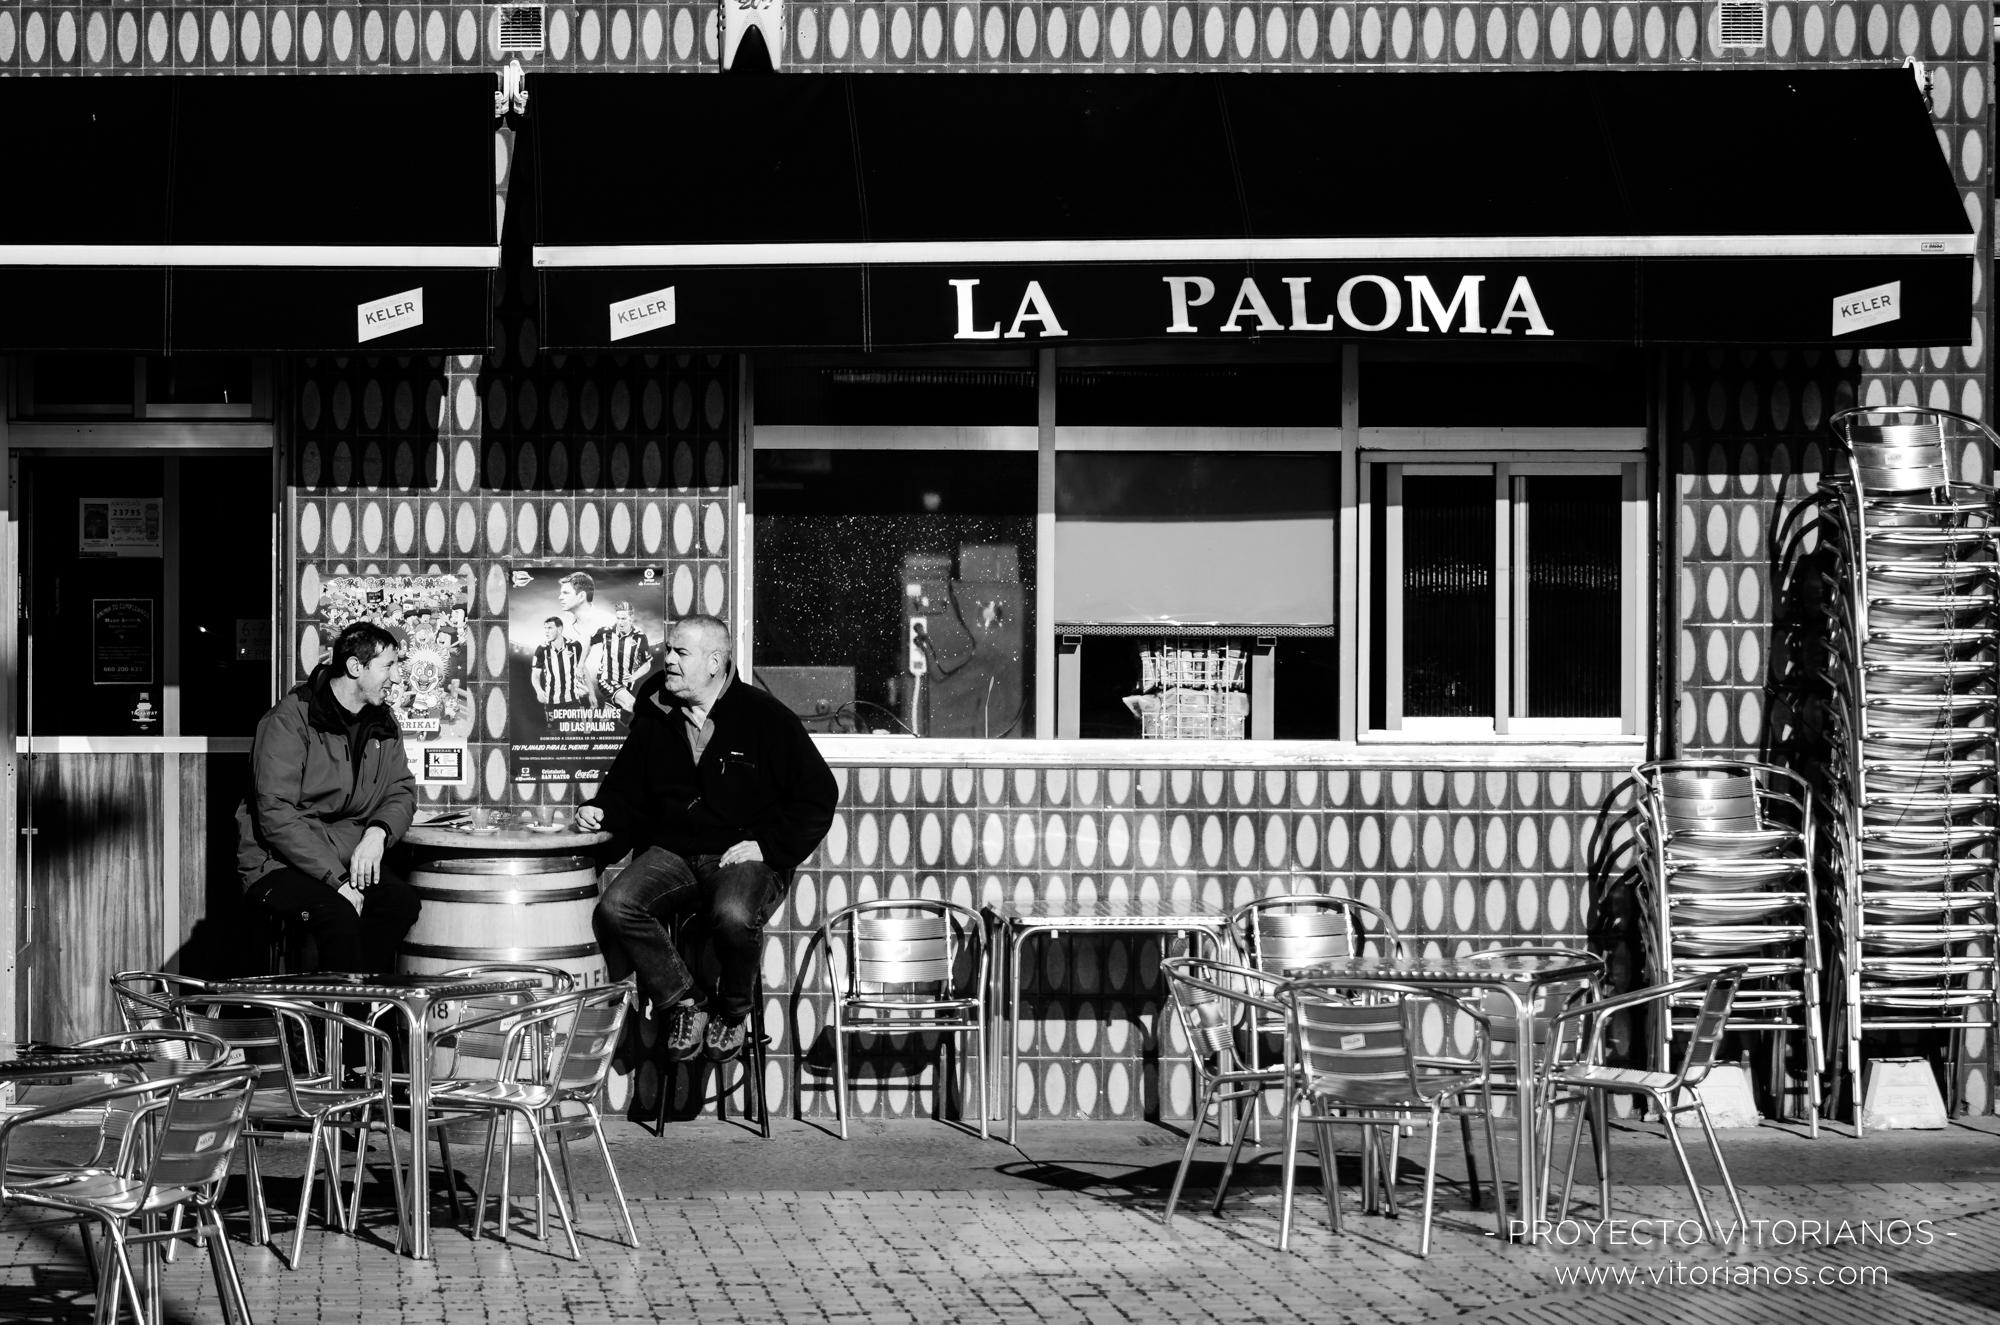 Vitorianos en una terraza - Foto: José Luis Zúñiga